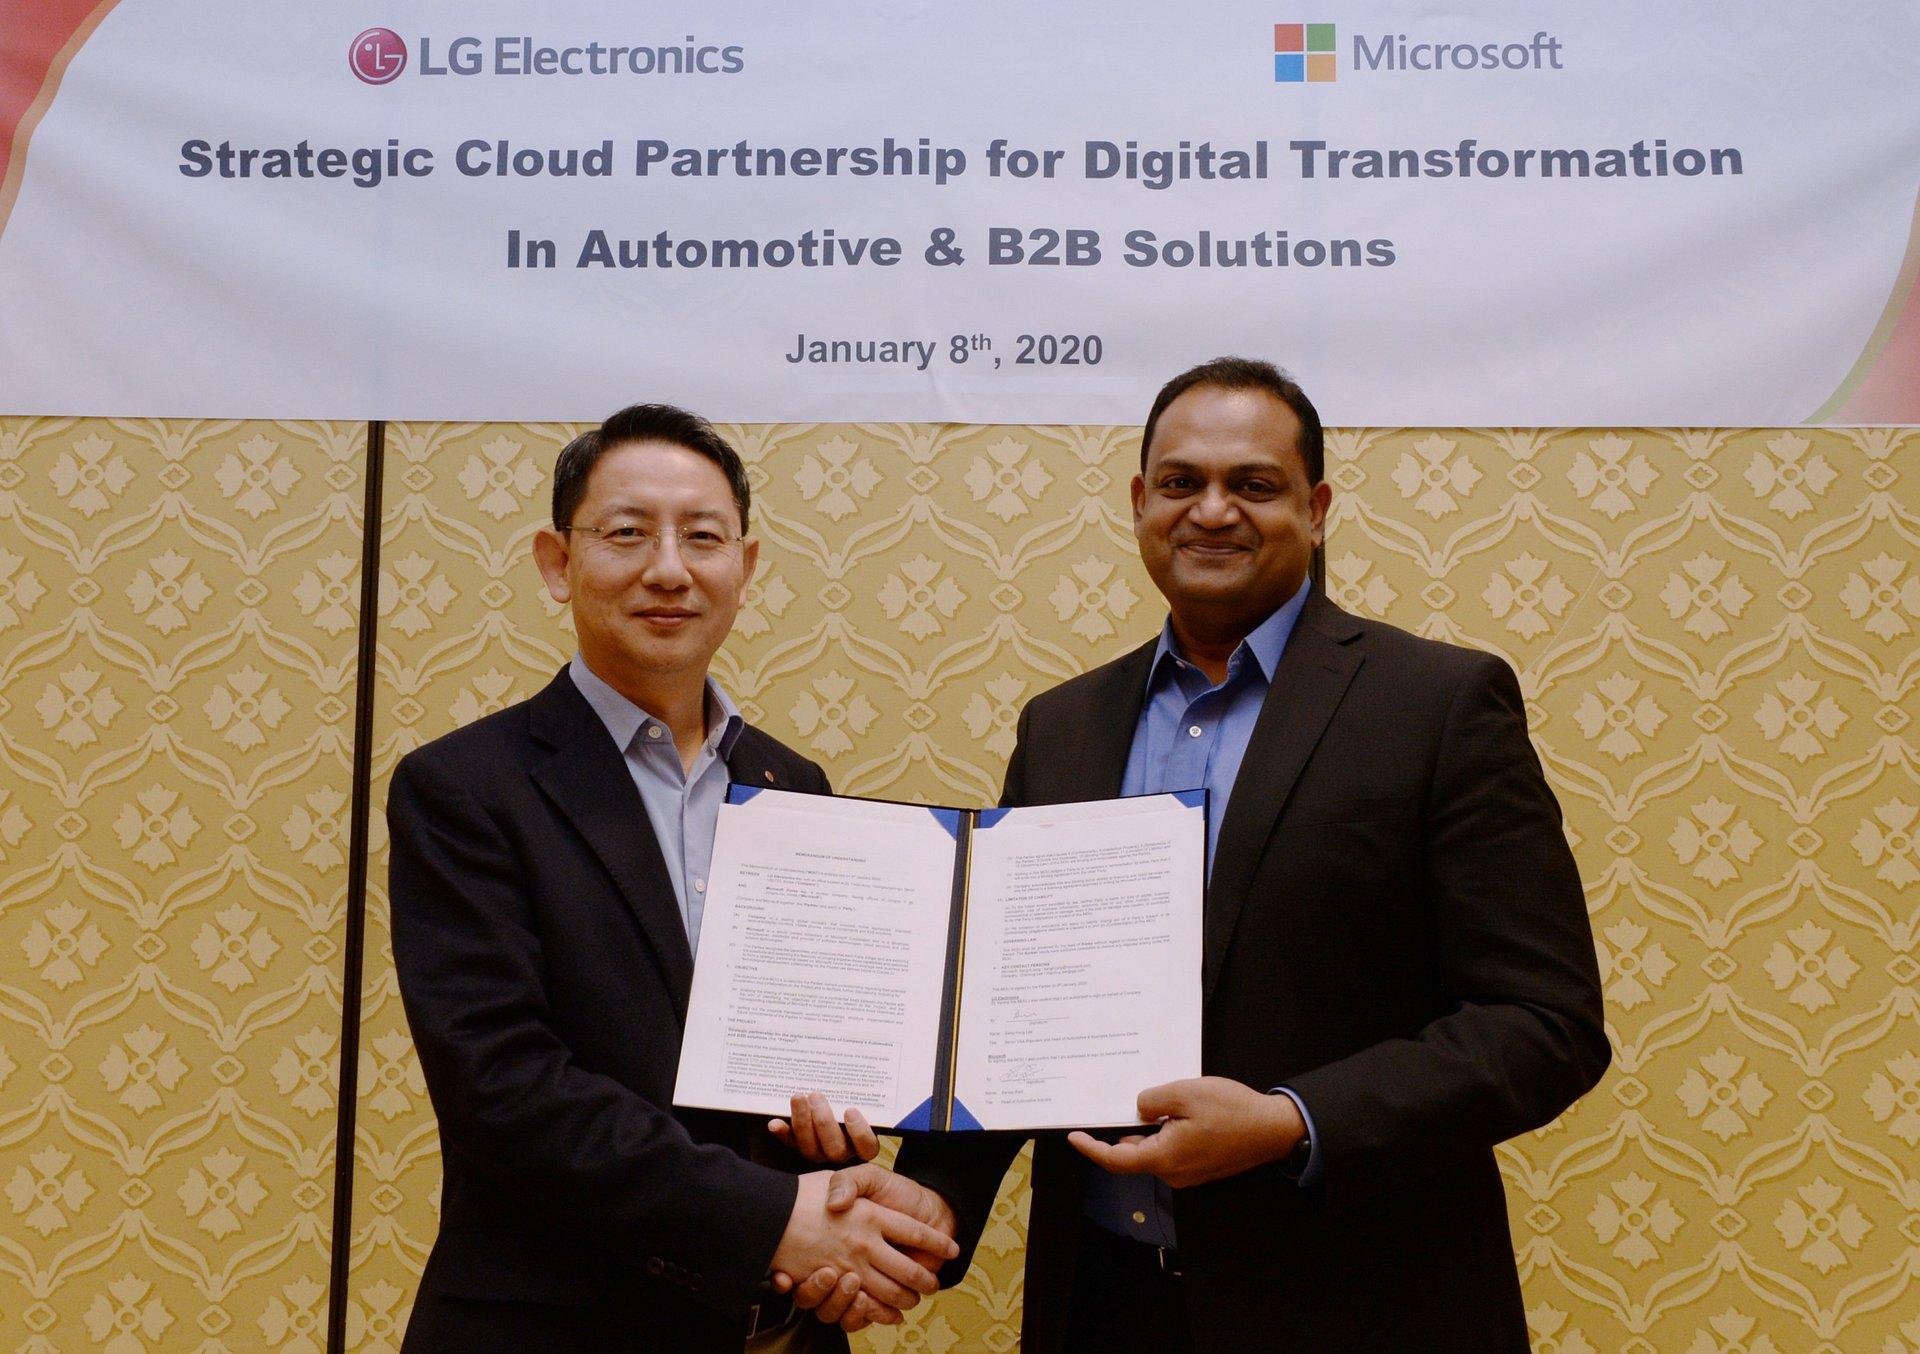 CES 2020: LG i Microsoft przyspieszają prace nad innowacjami ze sztuczną inteligencją dla klientów B2B